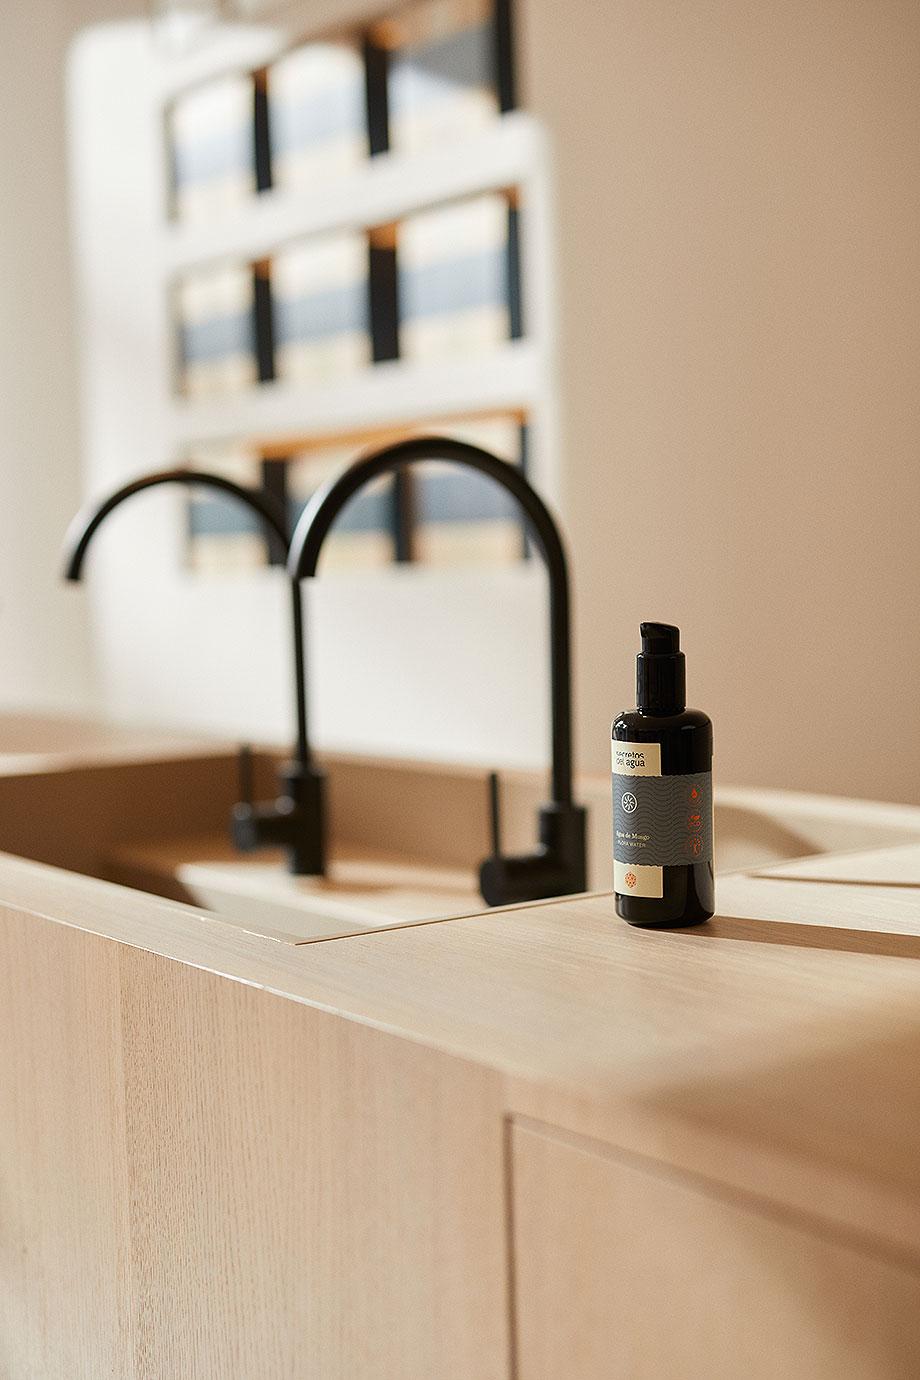 salon store secretos del agua de carolina gual (9) - foto juankar gibson